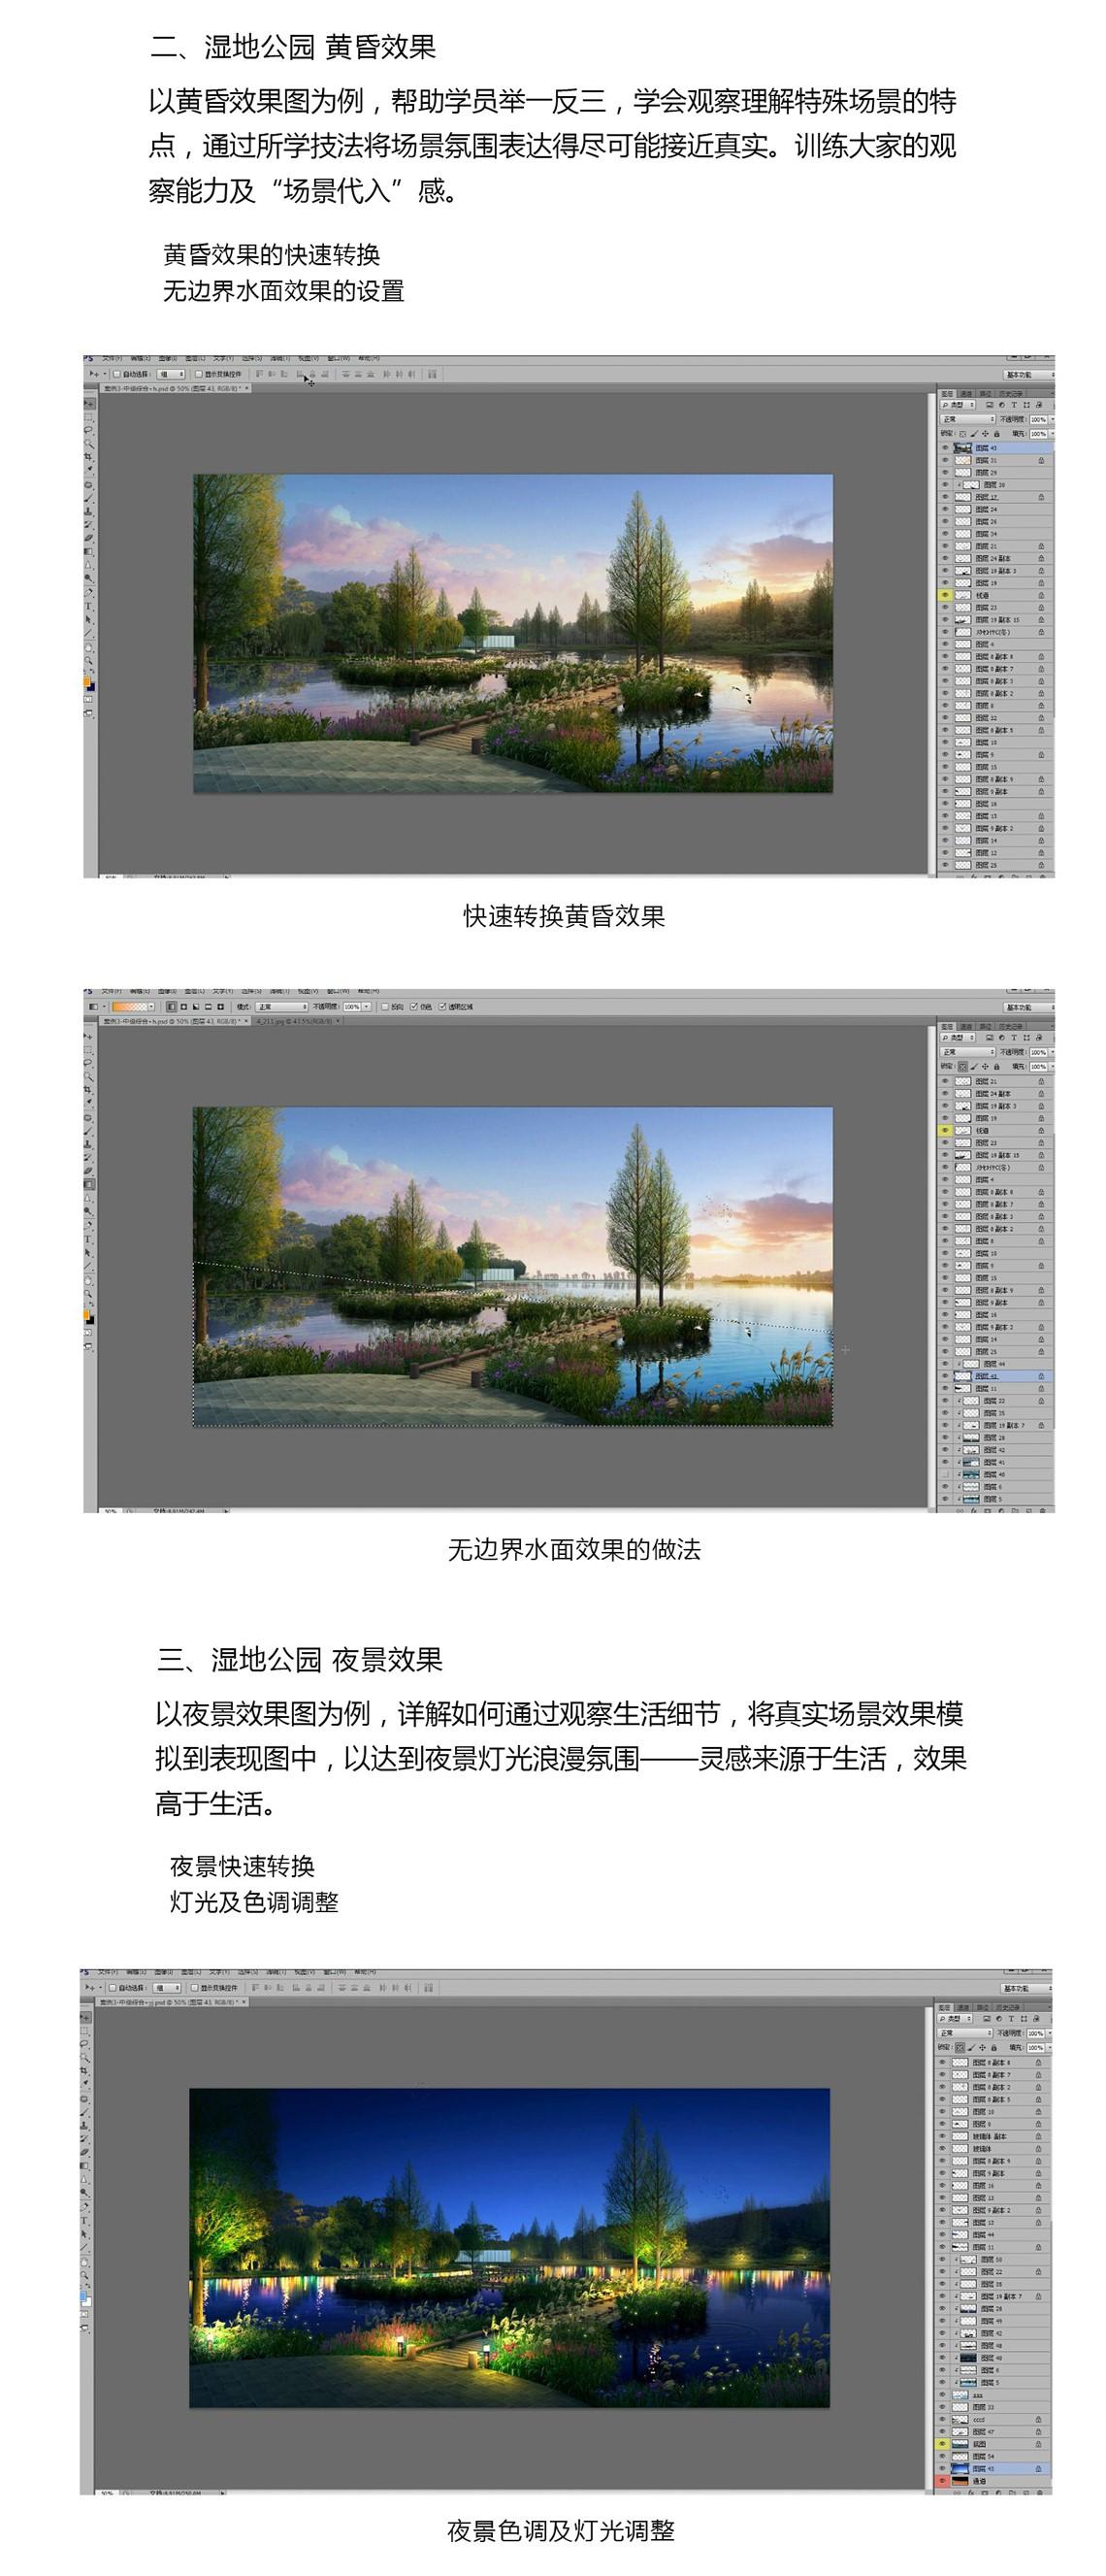 濕地公園,黃昏效果,Photoshop景觀效果圖,景觀效果圖表現,ps景觀效果圖